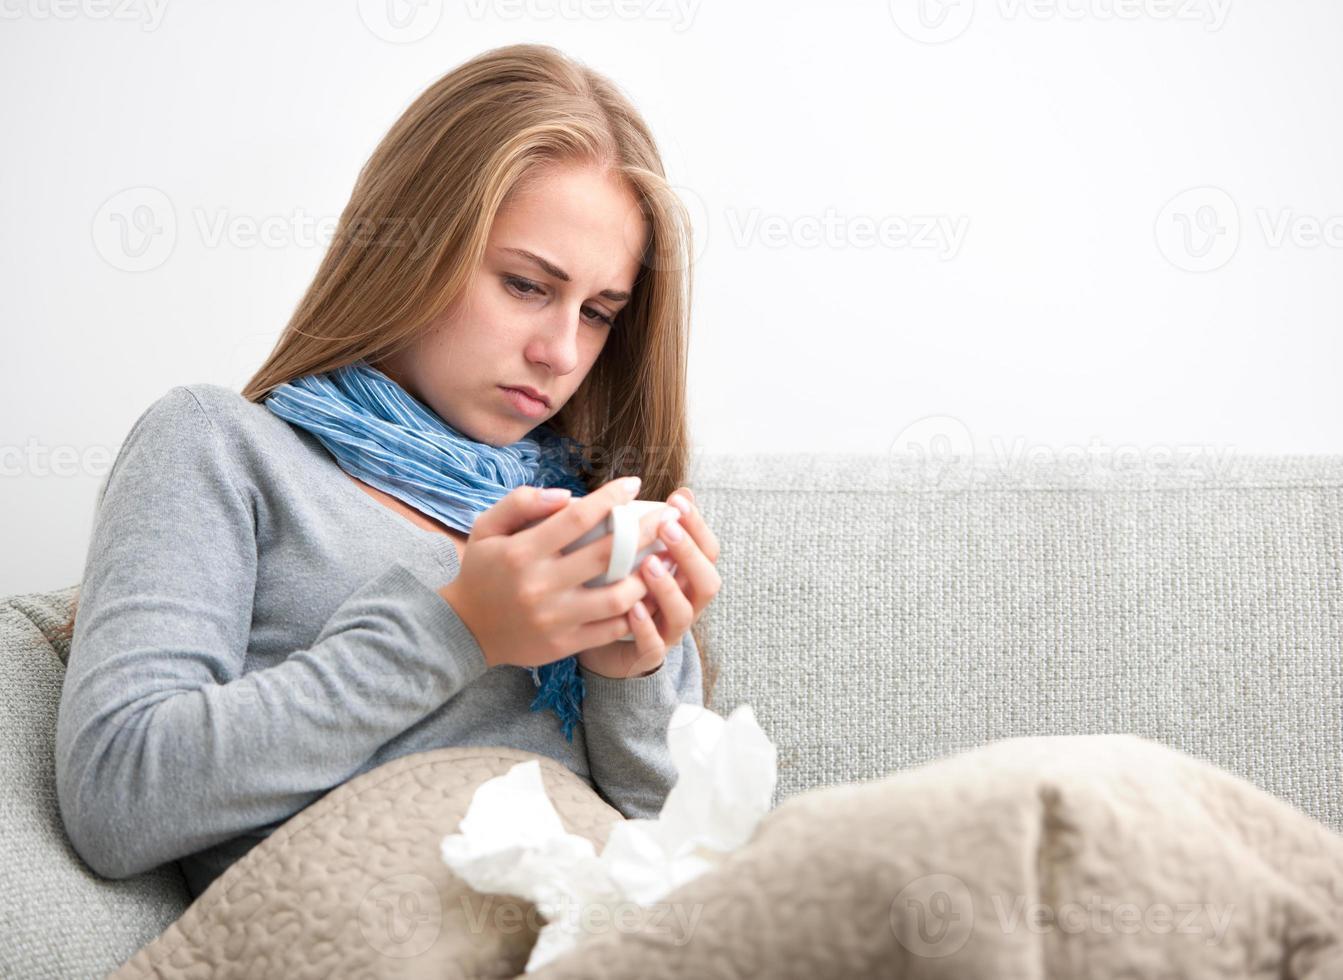 mujer joven que tiene un resfriado foto